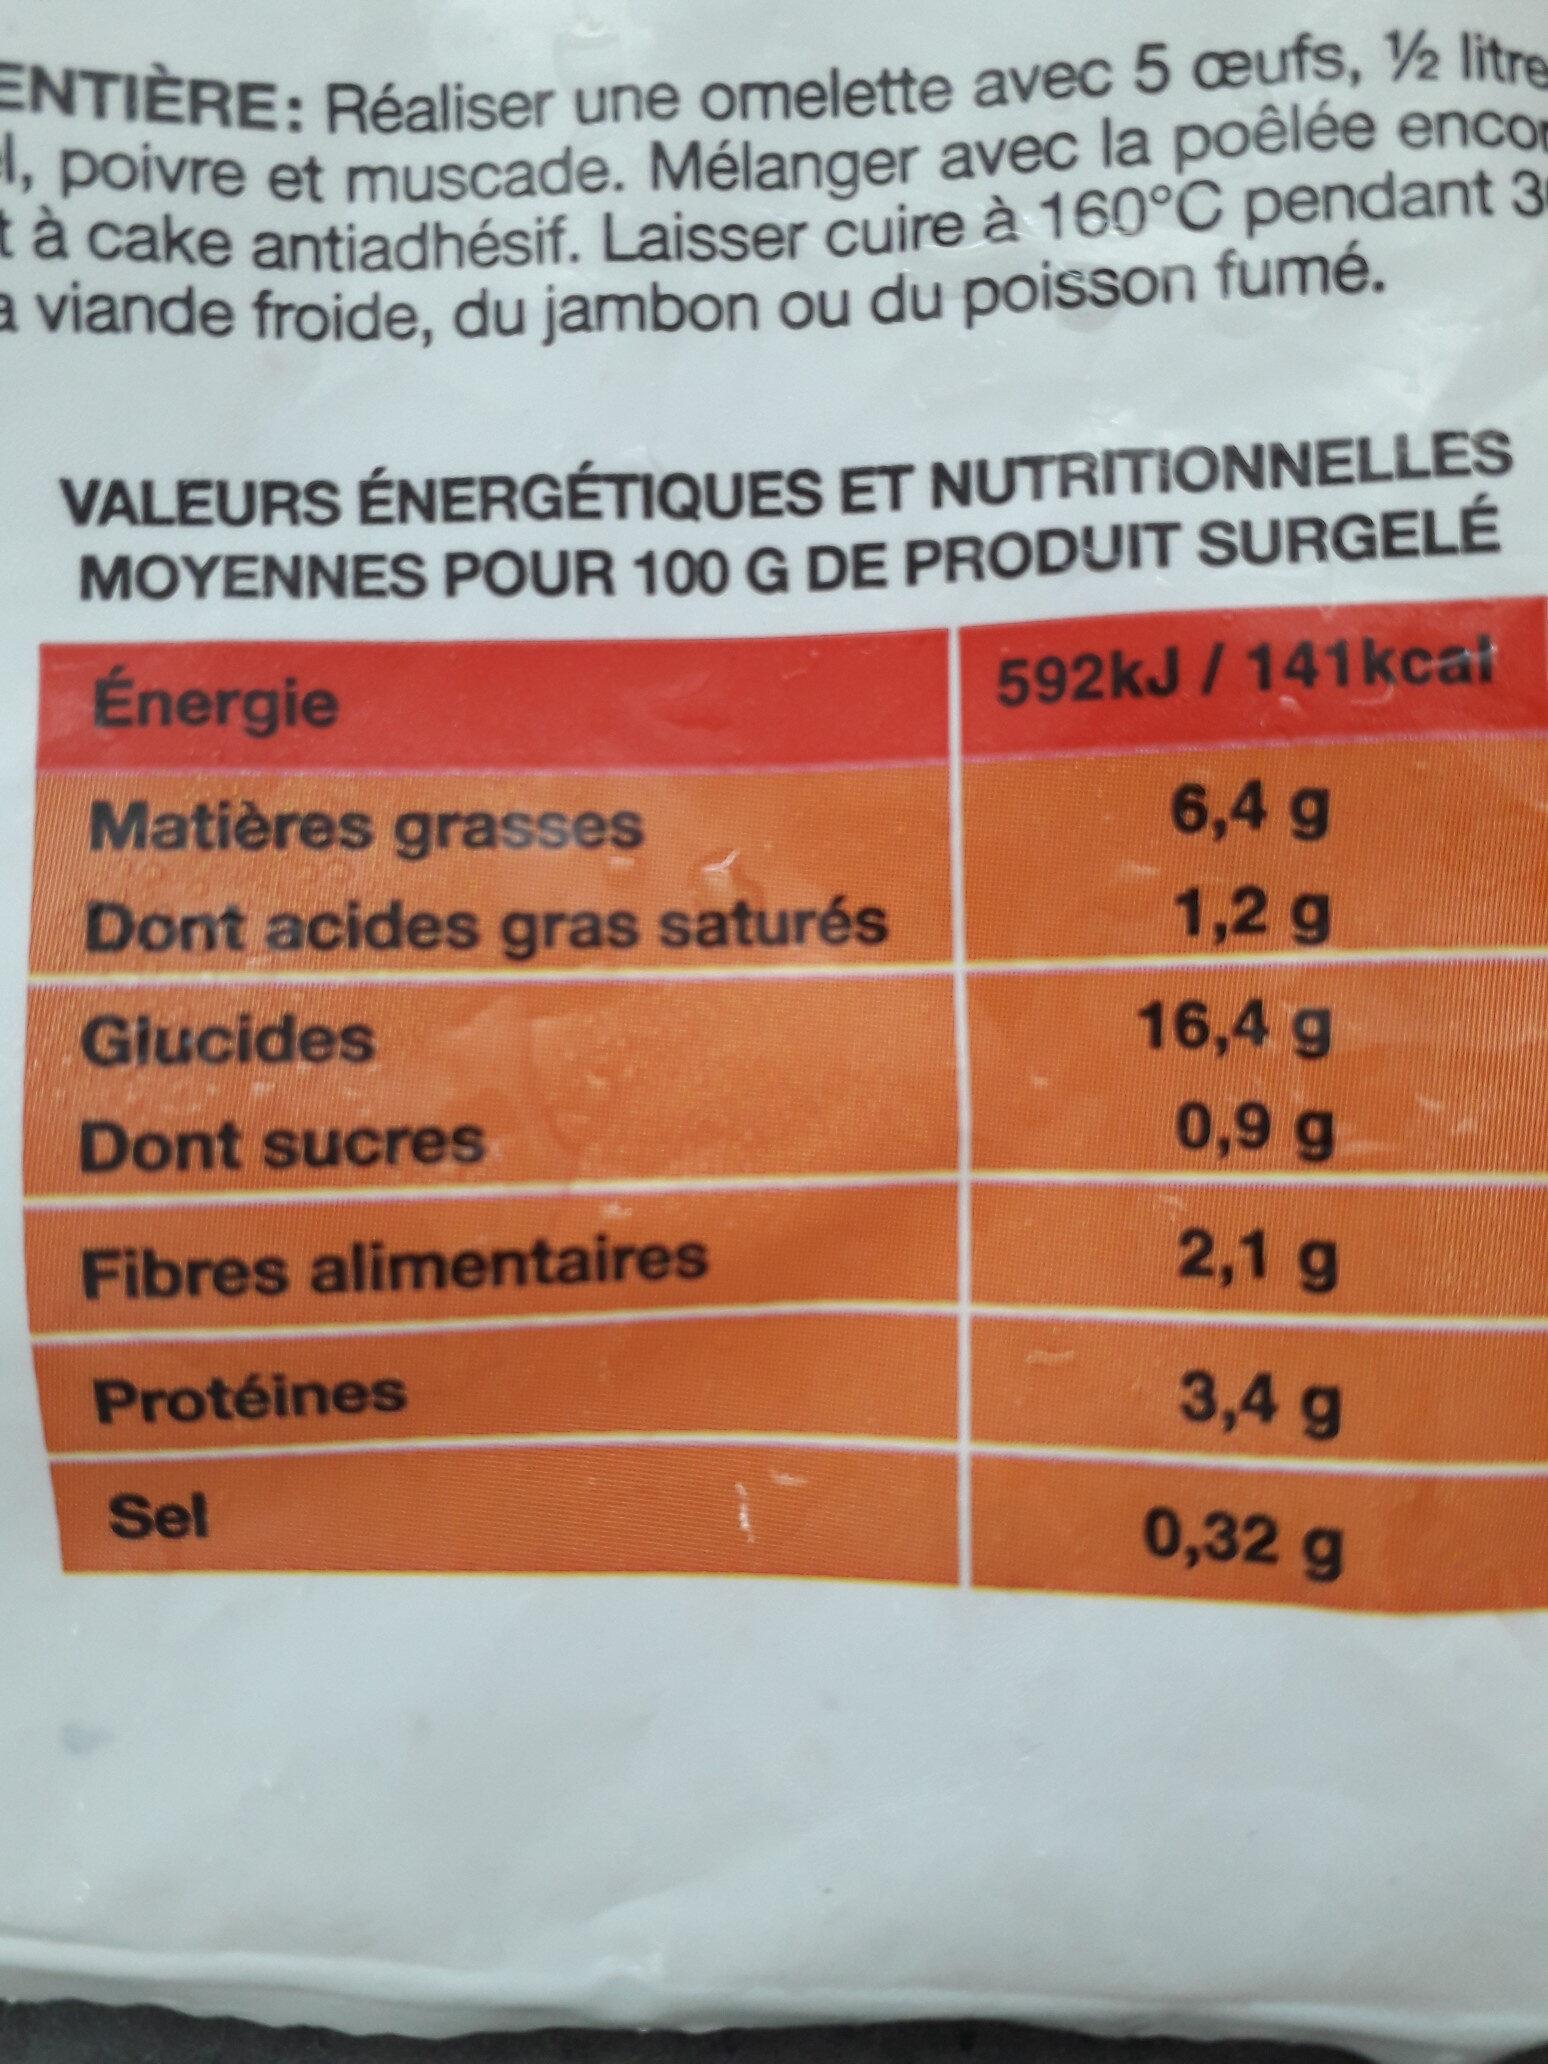 Poêlée Fermière - Informations nutritionnelles - fr